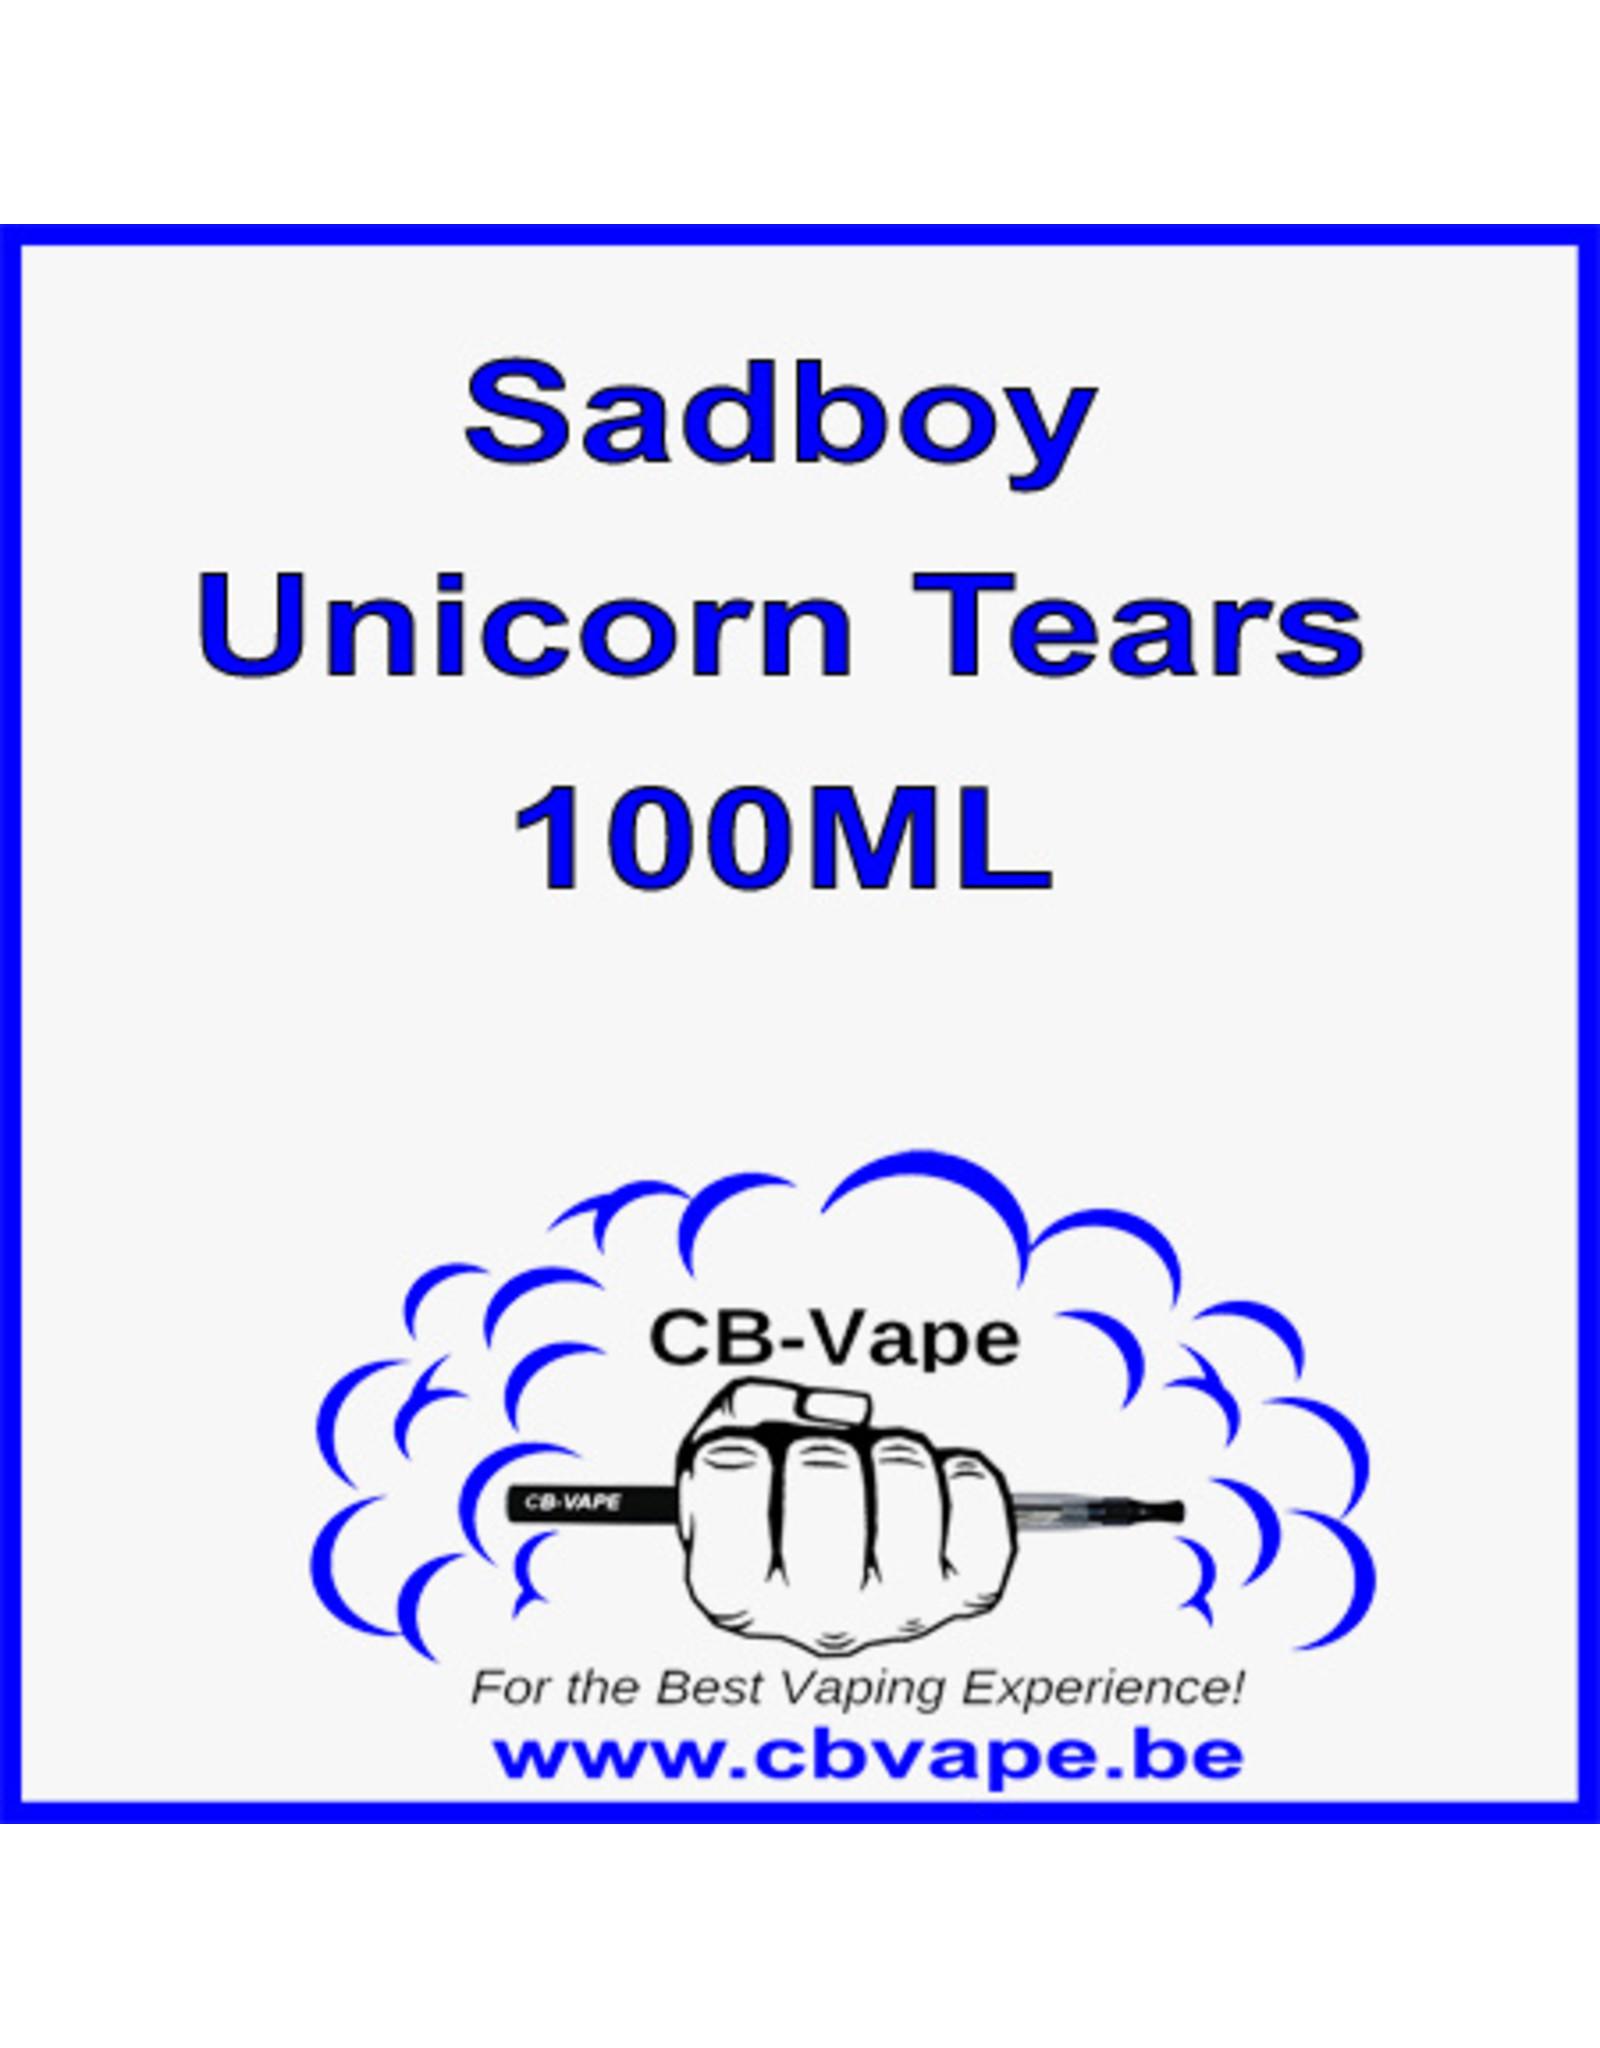 Sadboy Unicorn Tears